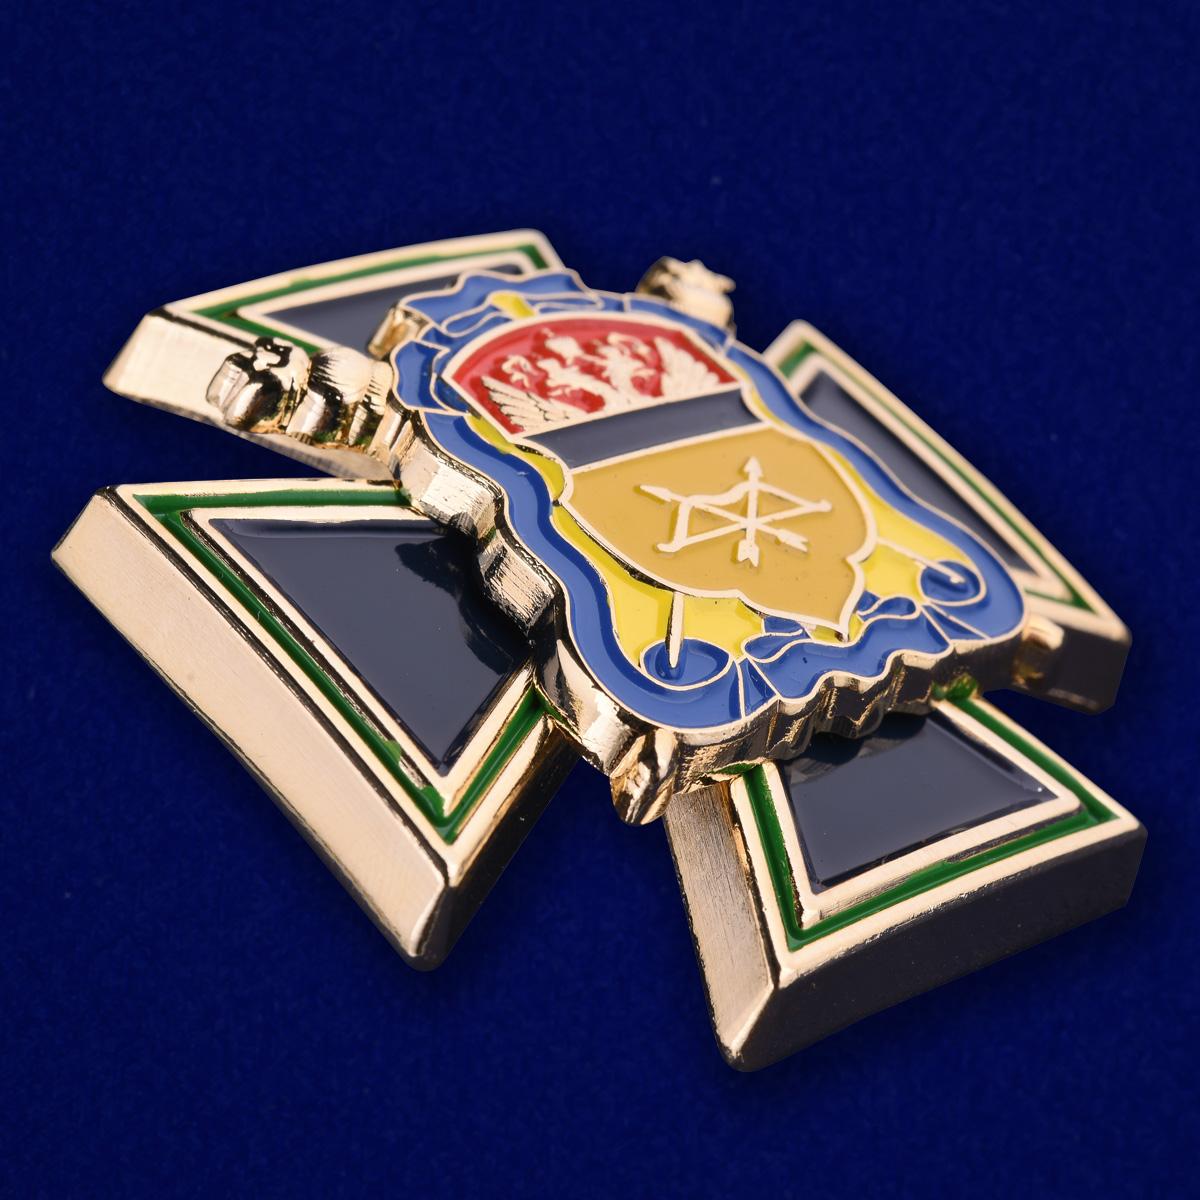 """Войсковой крест Оренбургского ВКО """"Казачья доблесть"""" - общий вид"""